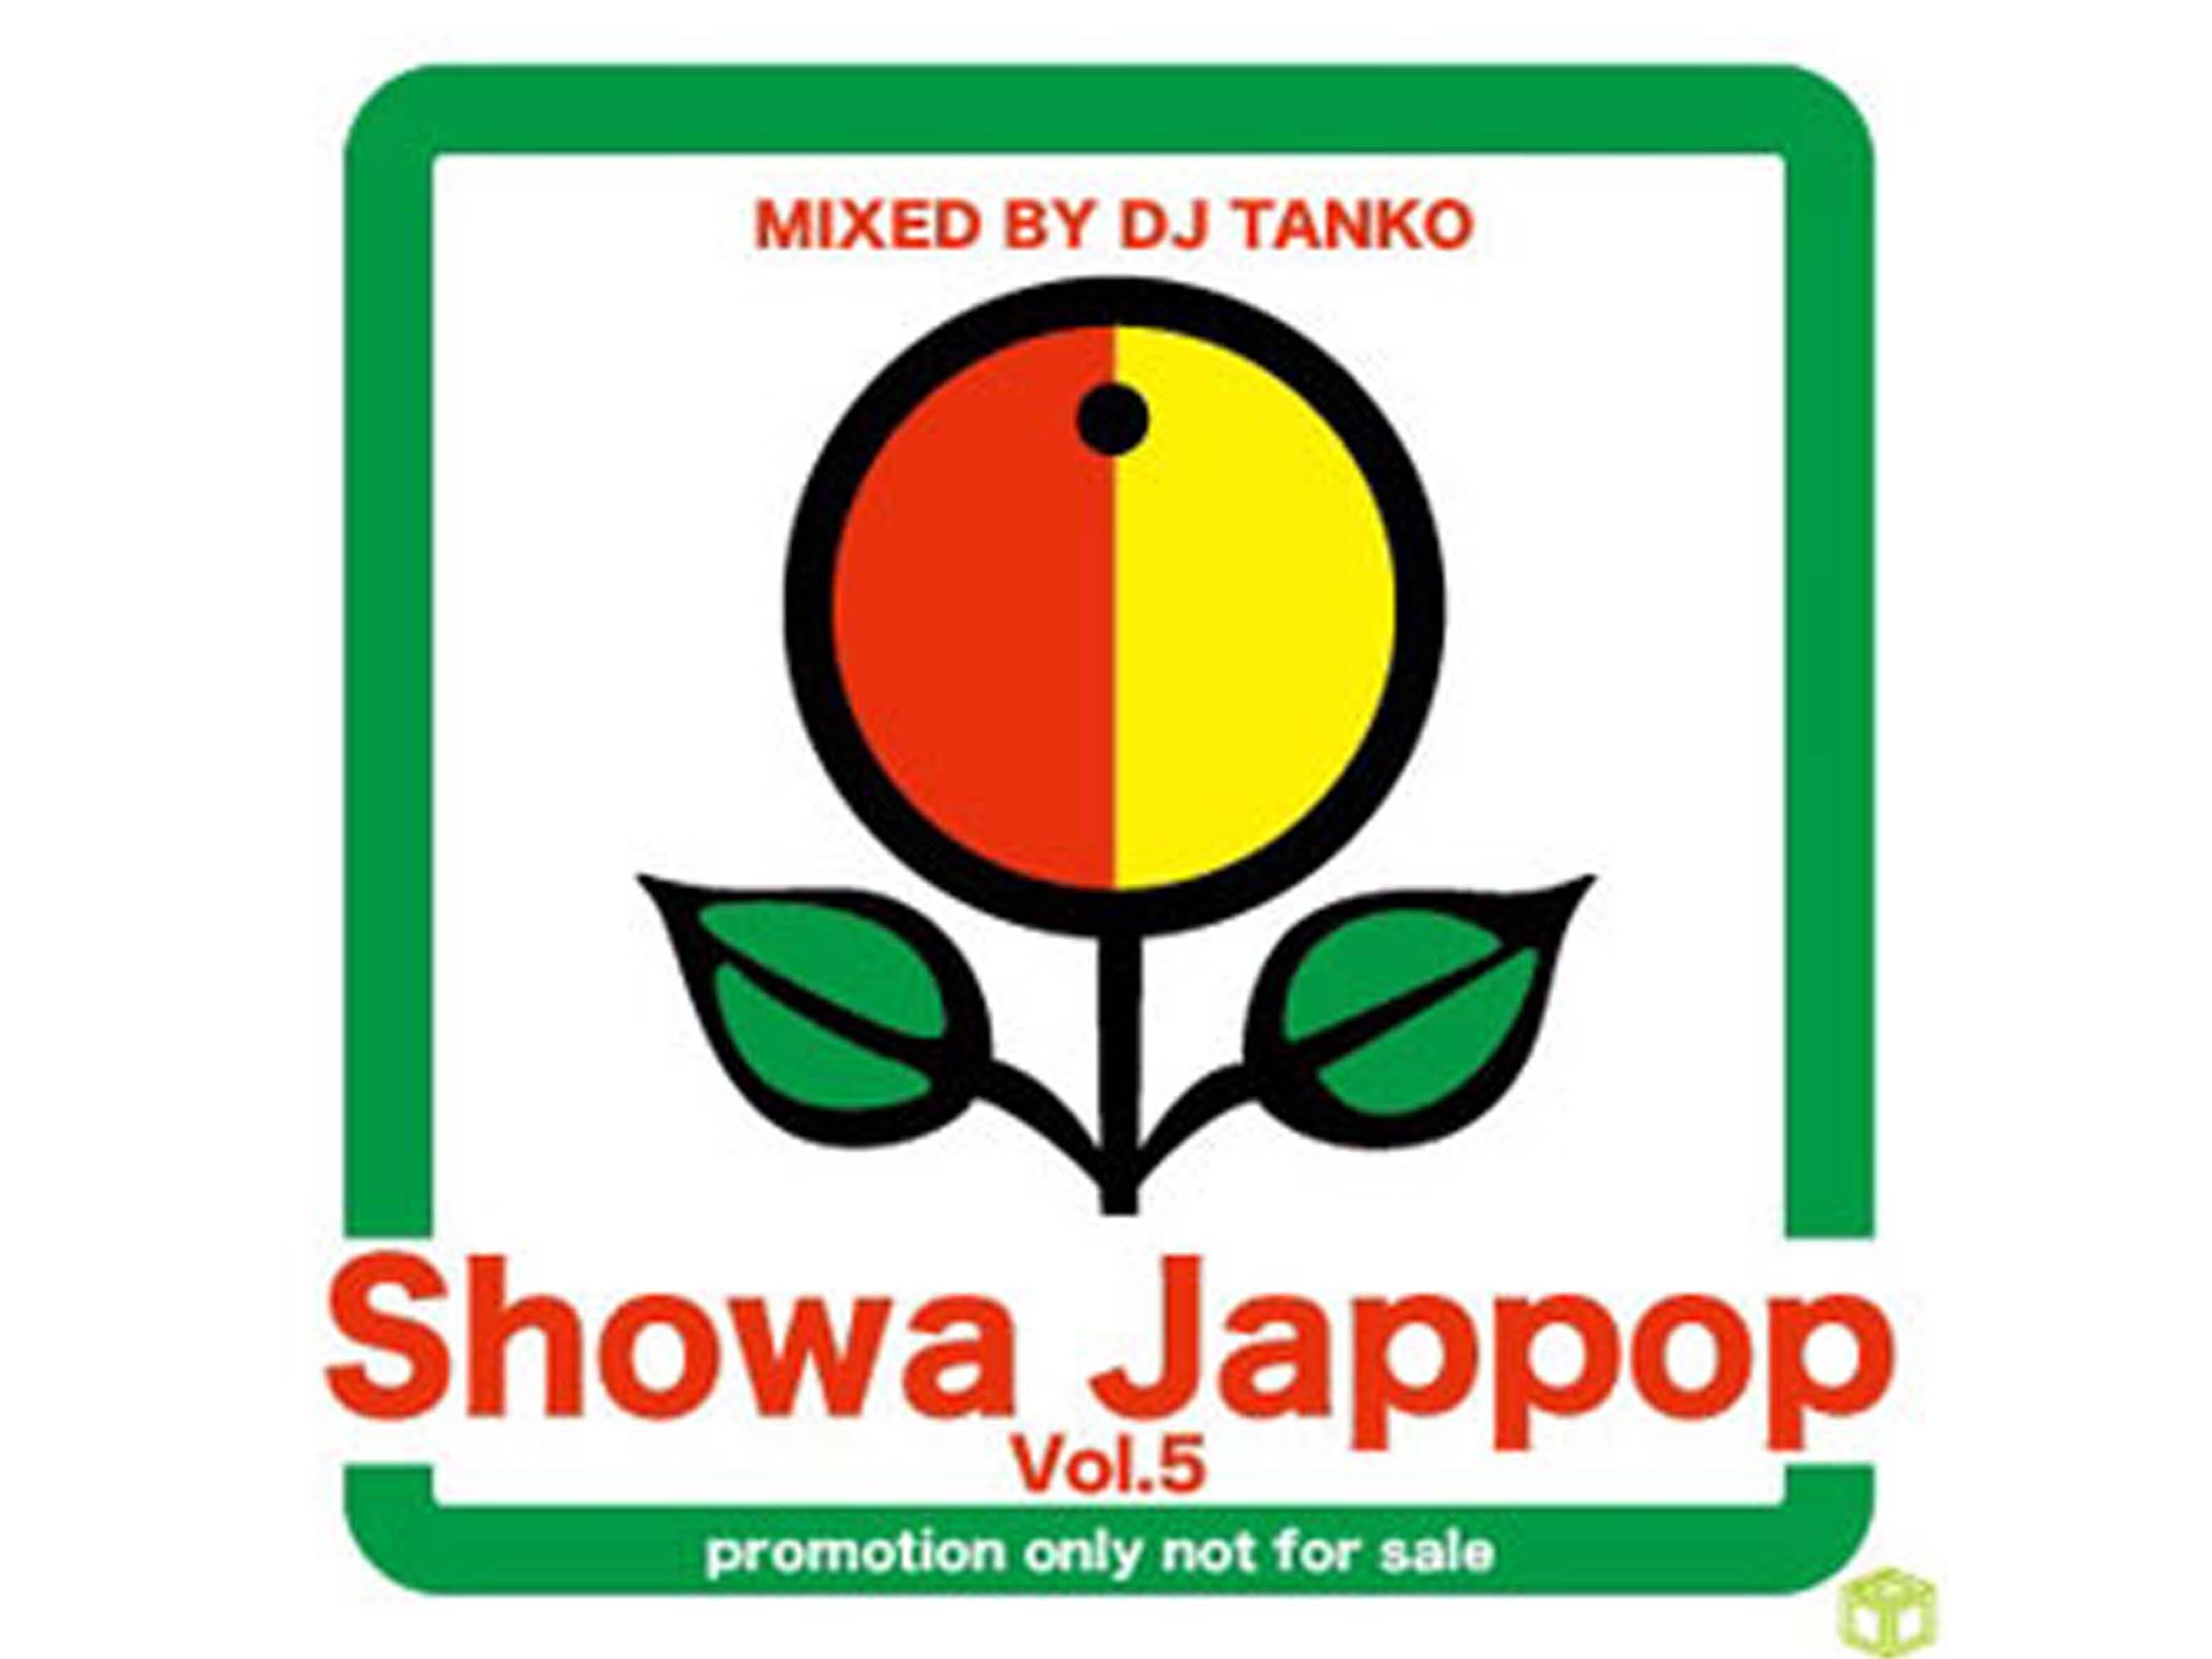 Showa Jappop vol.5 - DJ TANCO